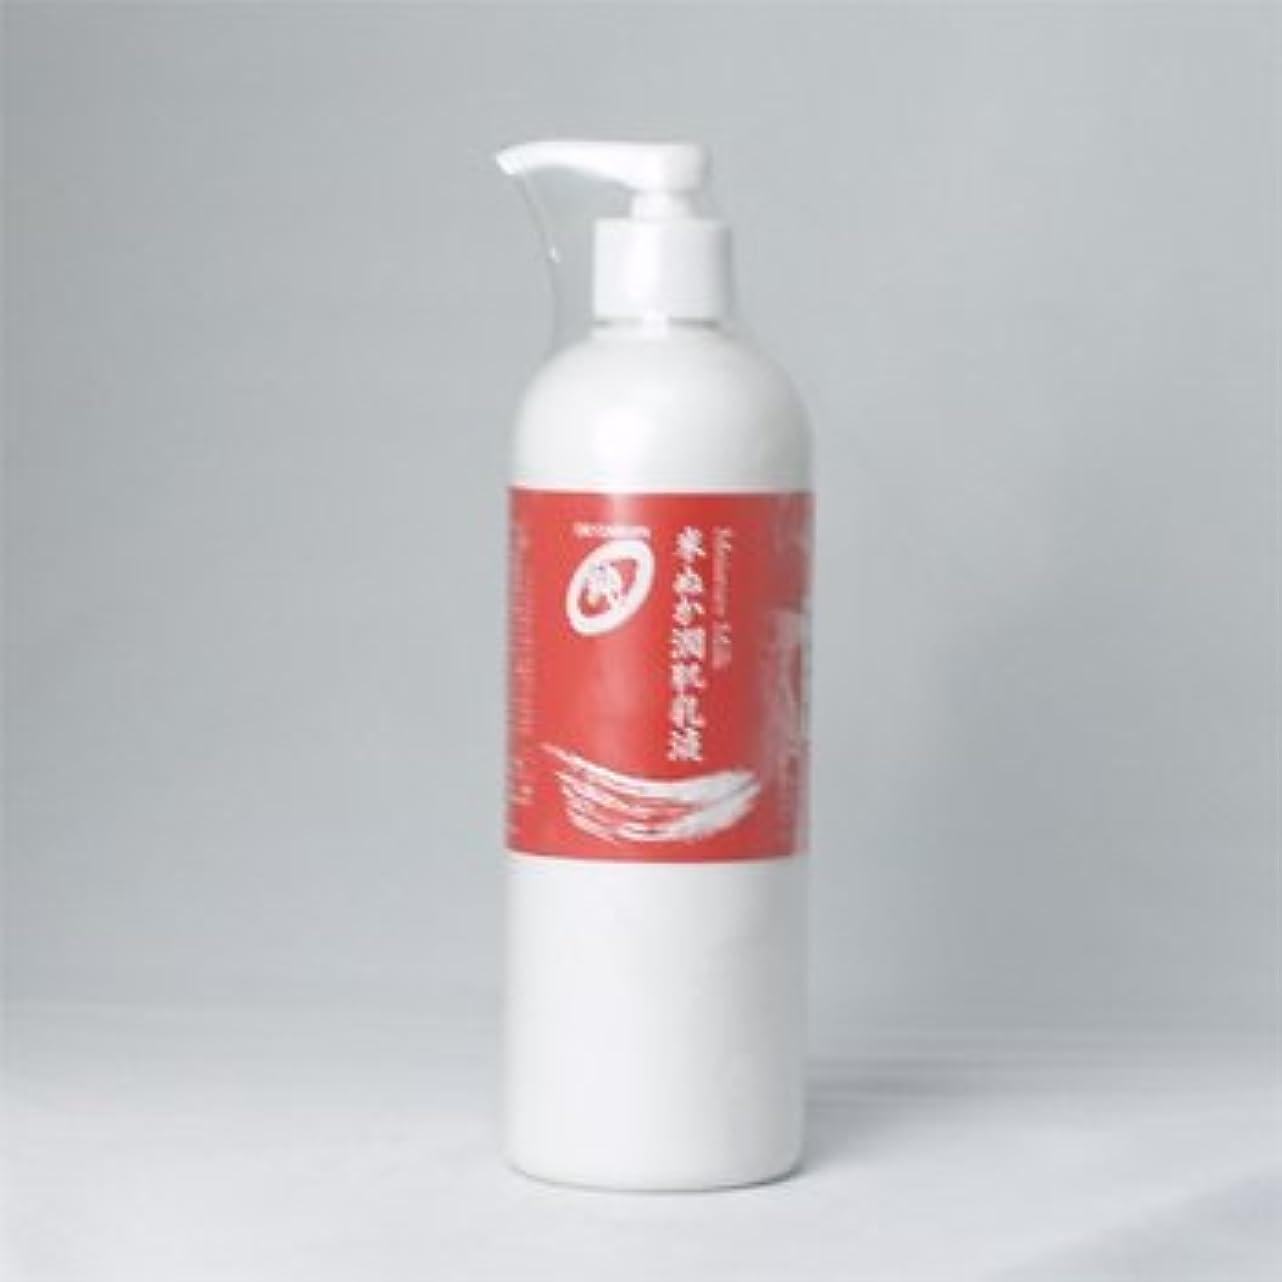 代数小石露出度の高いオリザ ジュン モイスチャーミルク 米ぬか潤肌乳液 400mlポンプ